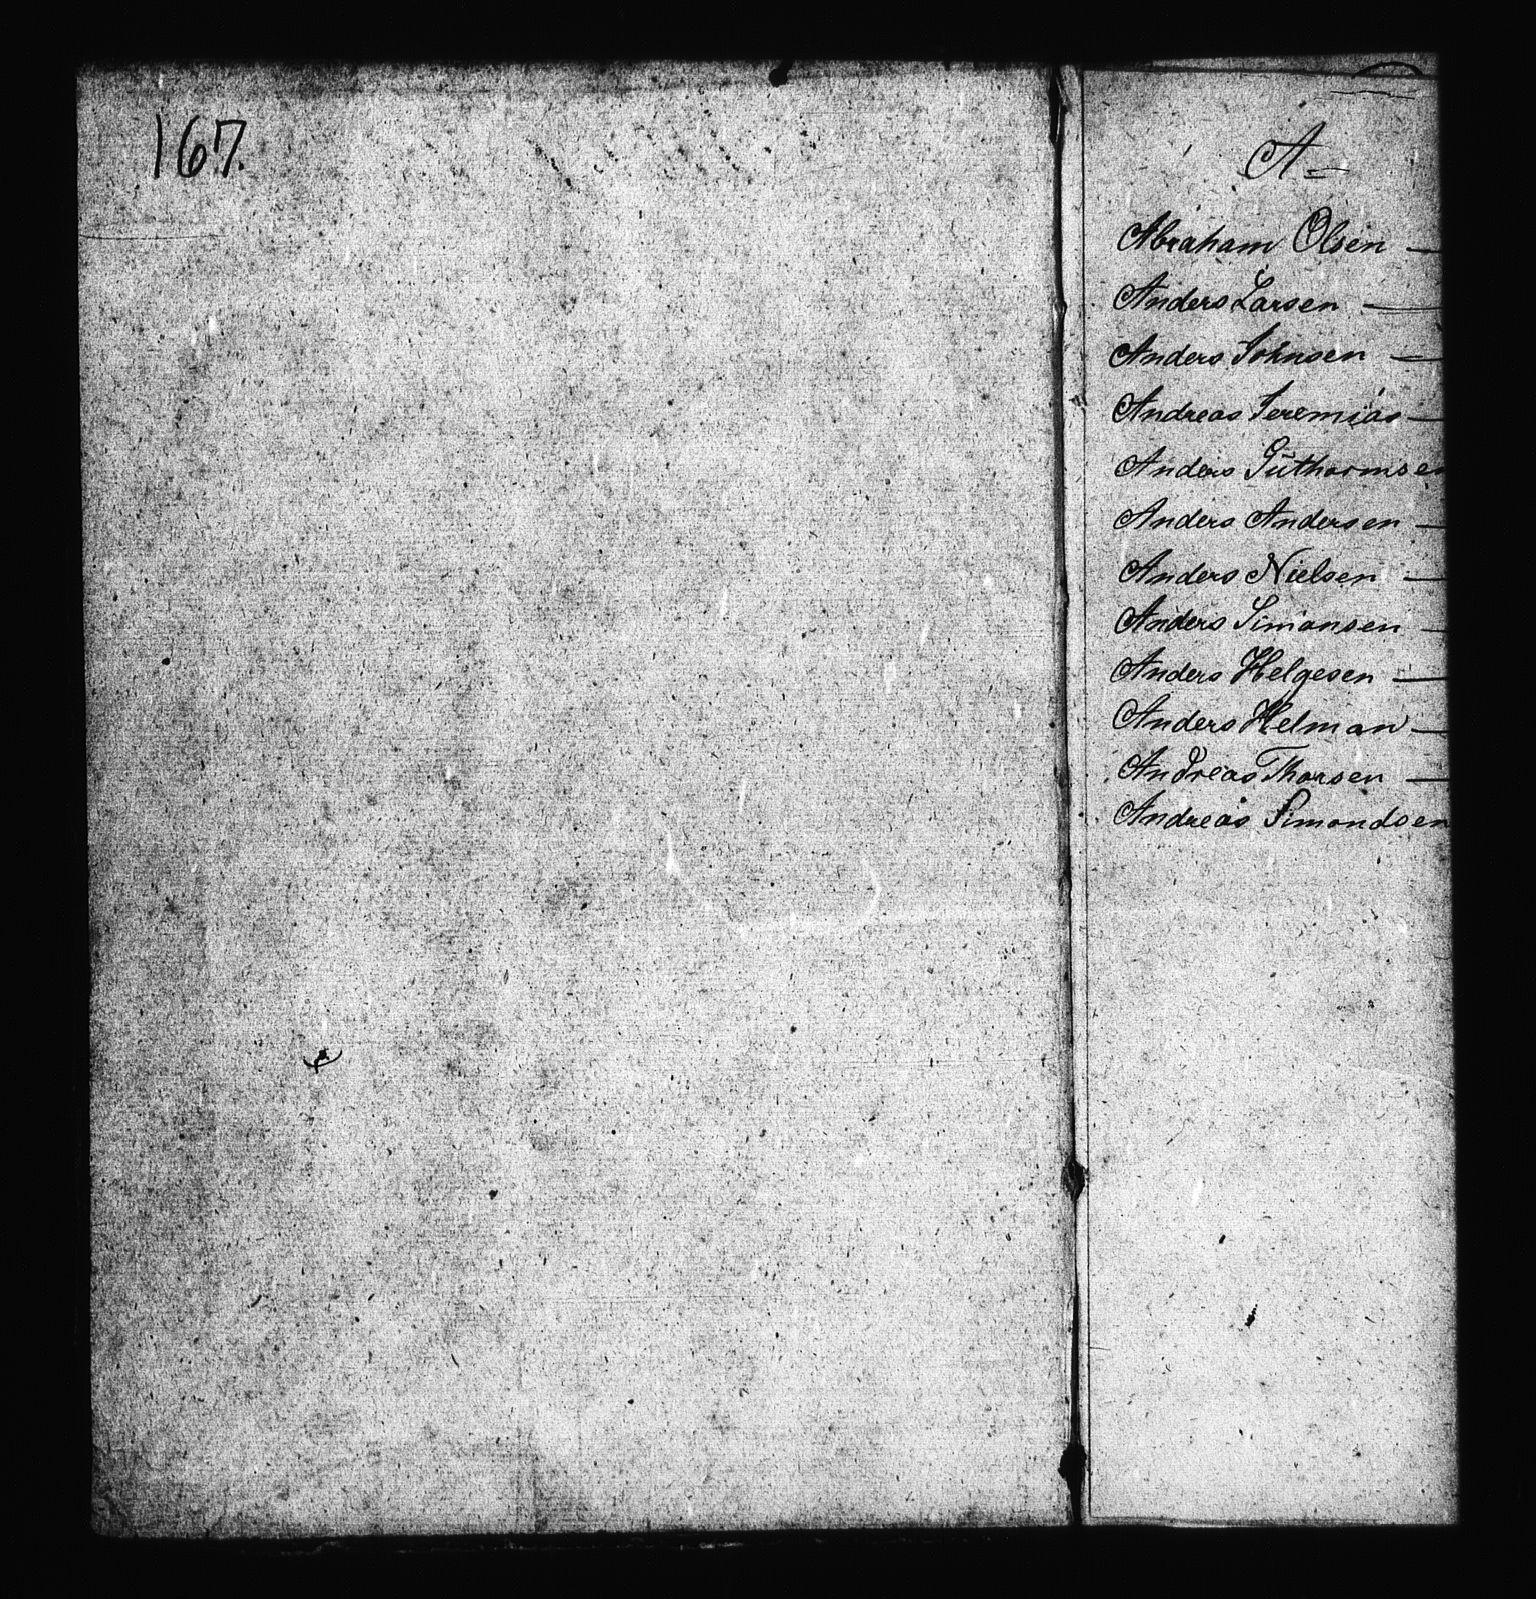 RA, Sjøetaten, F/L0168: Bragernes distrikt, bind 1, 1813